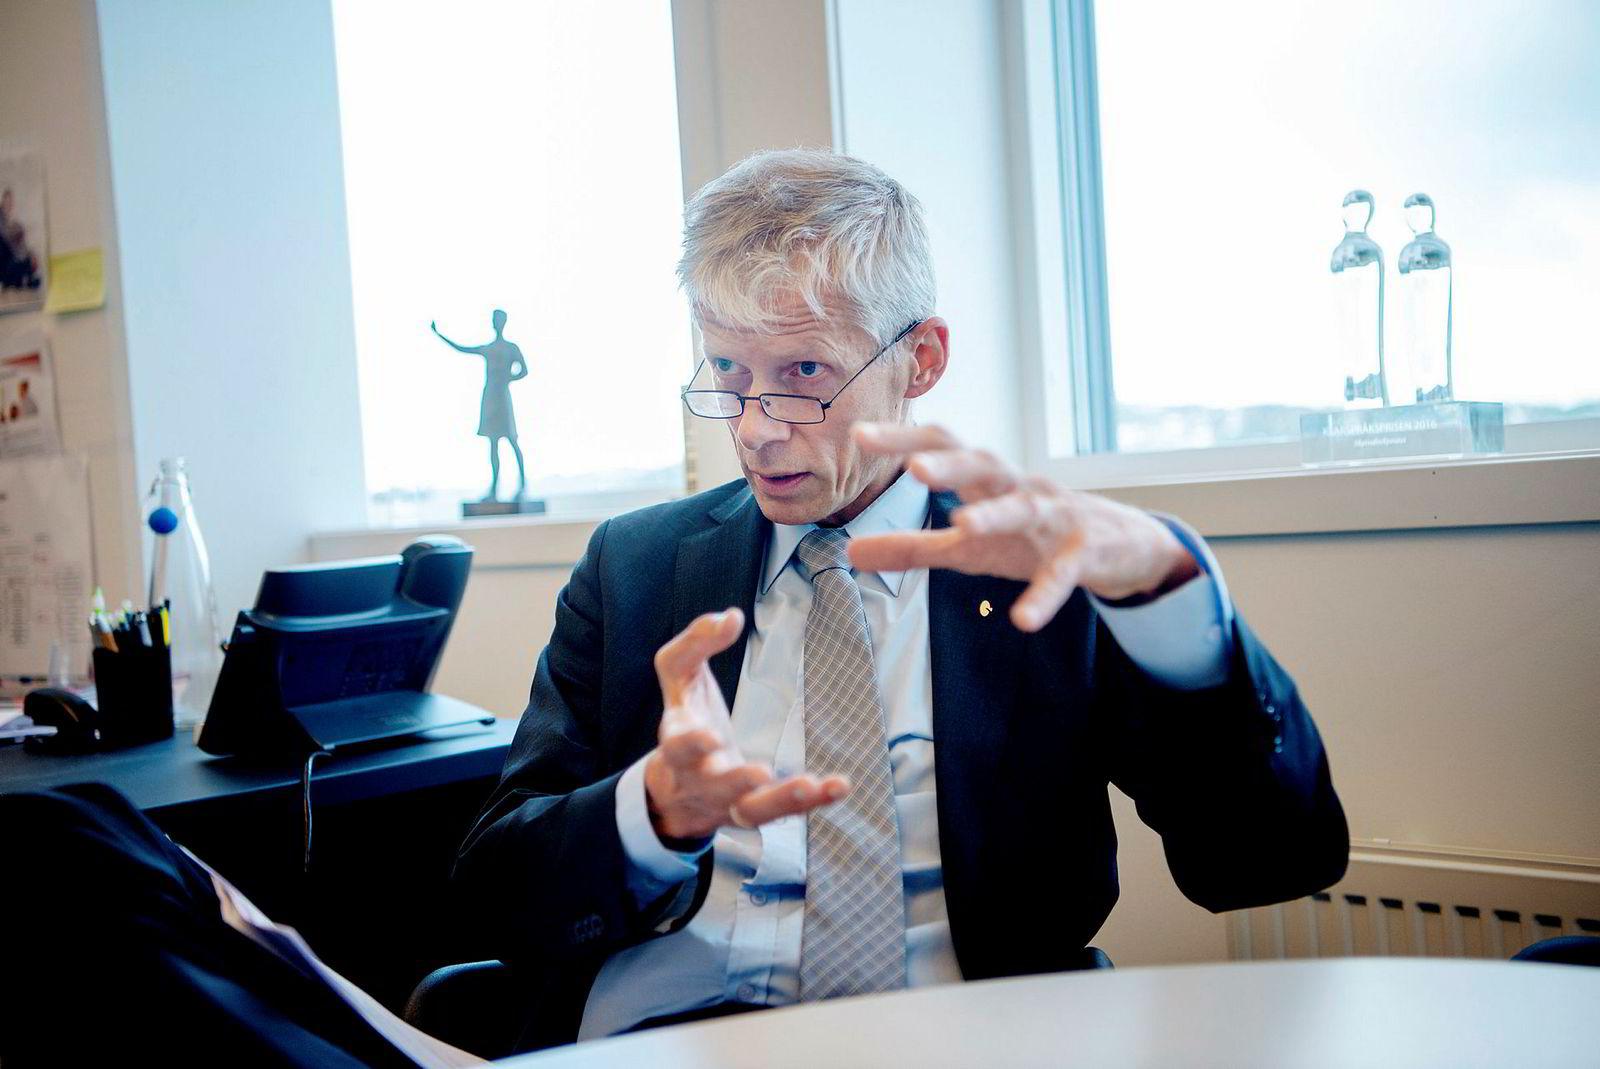 Skattedirektør Hans Christian Holte mener norske banker ikke er involvert i den enorme svindelen knyttet til utbytteskatt i Europa.